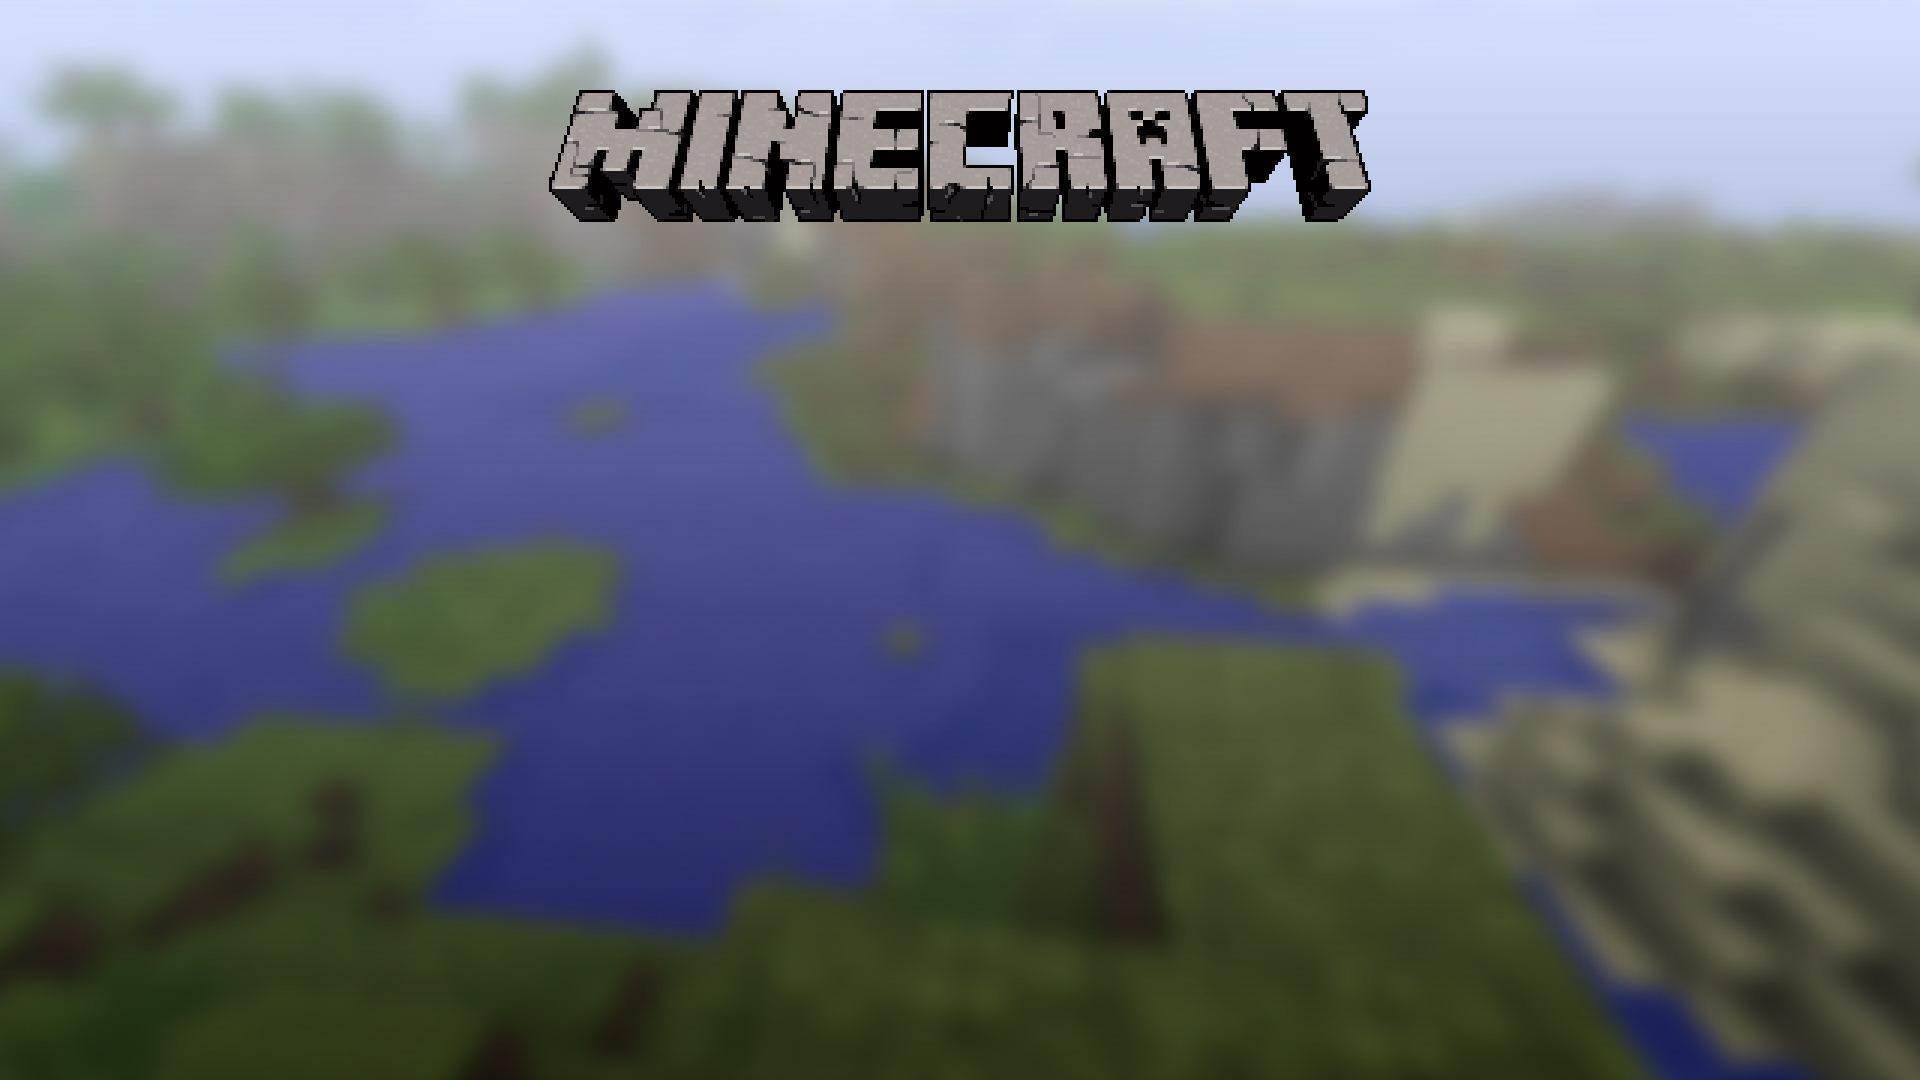 minecraft title